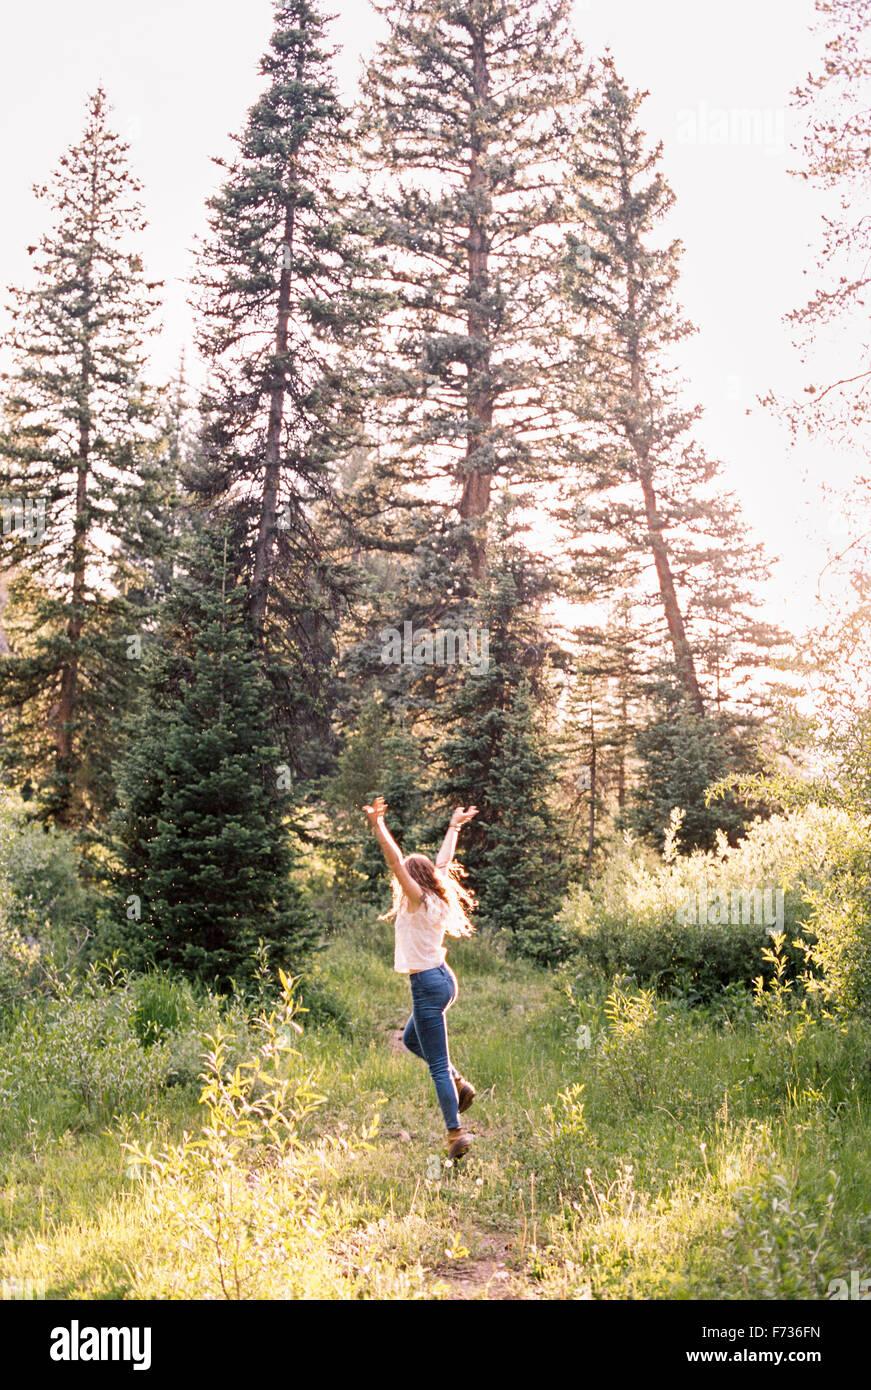 Femme sautant de joie dans une forêt ensoleillée. Photo Stock